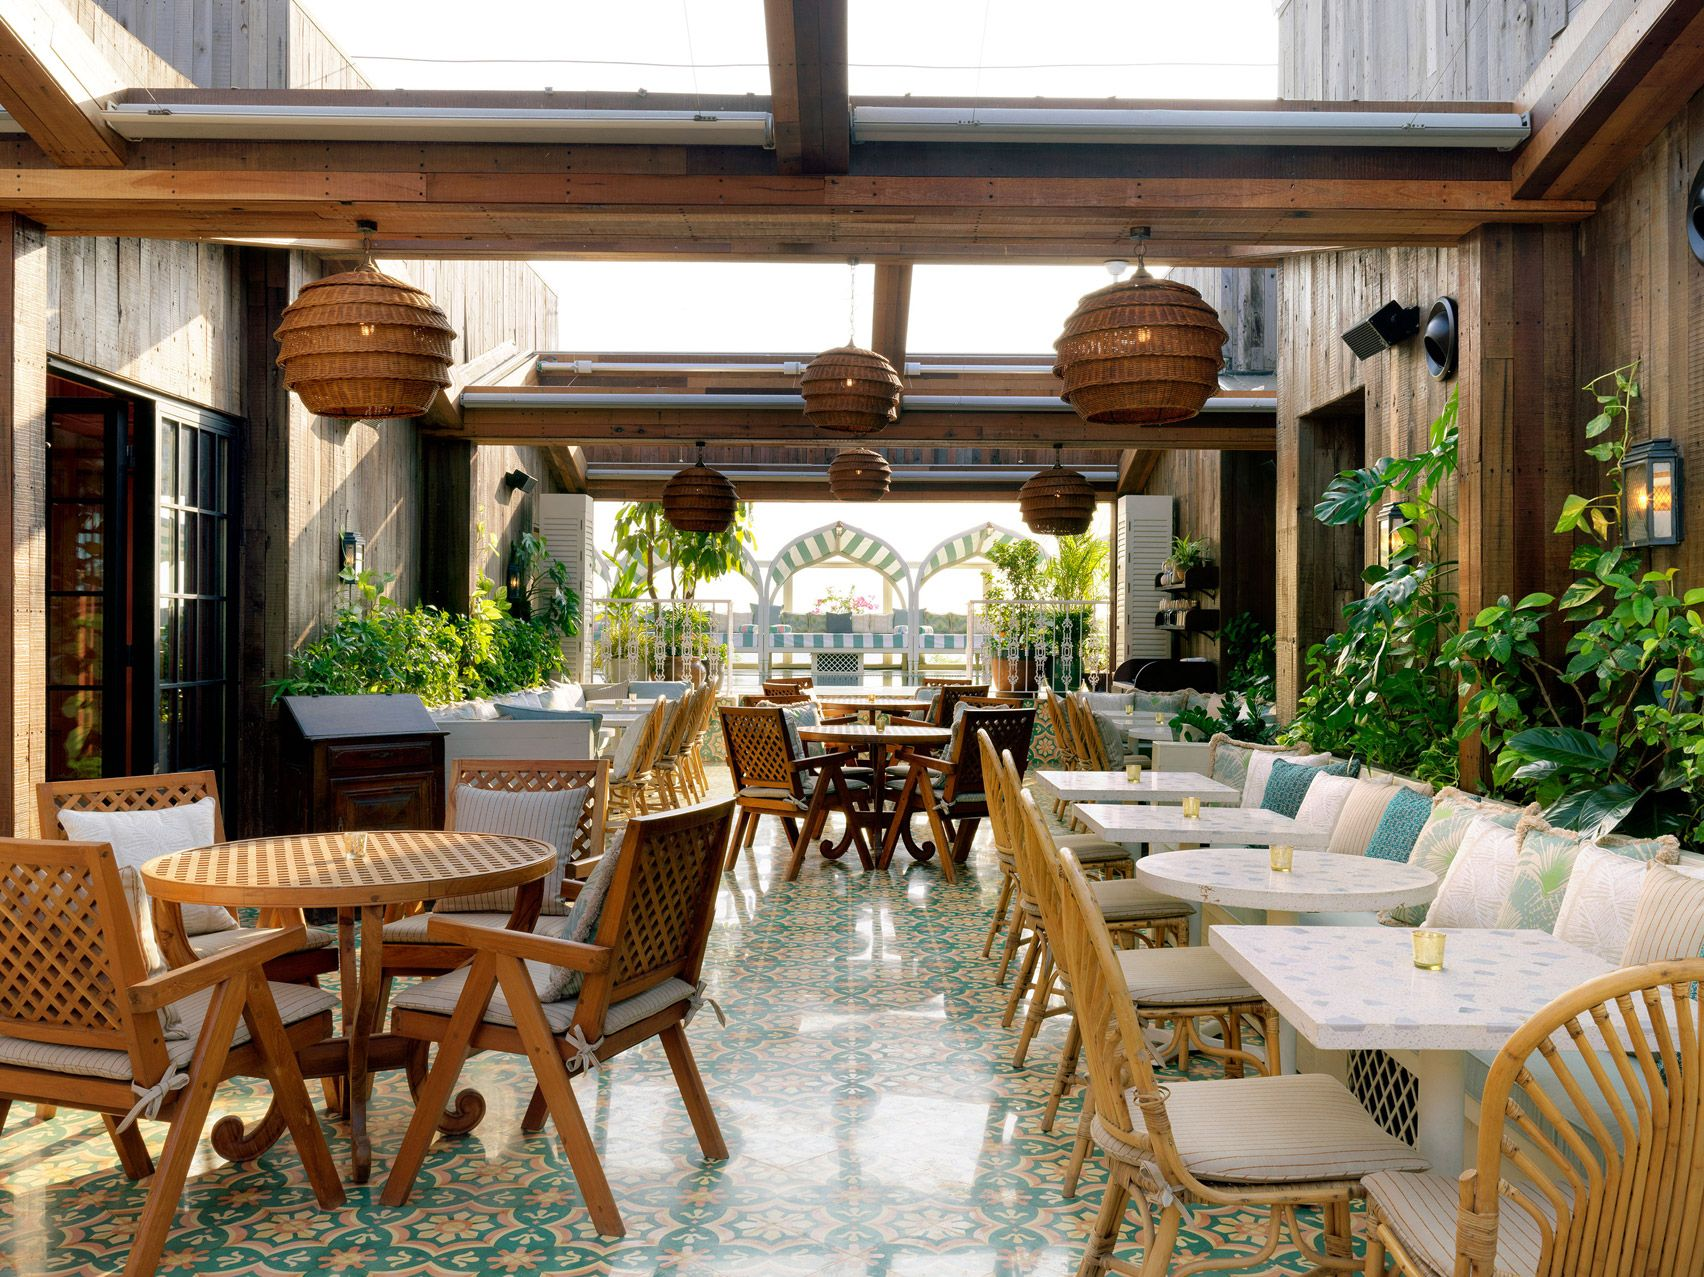 Indian Garden Restaurant Design Diy Craft